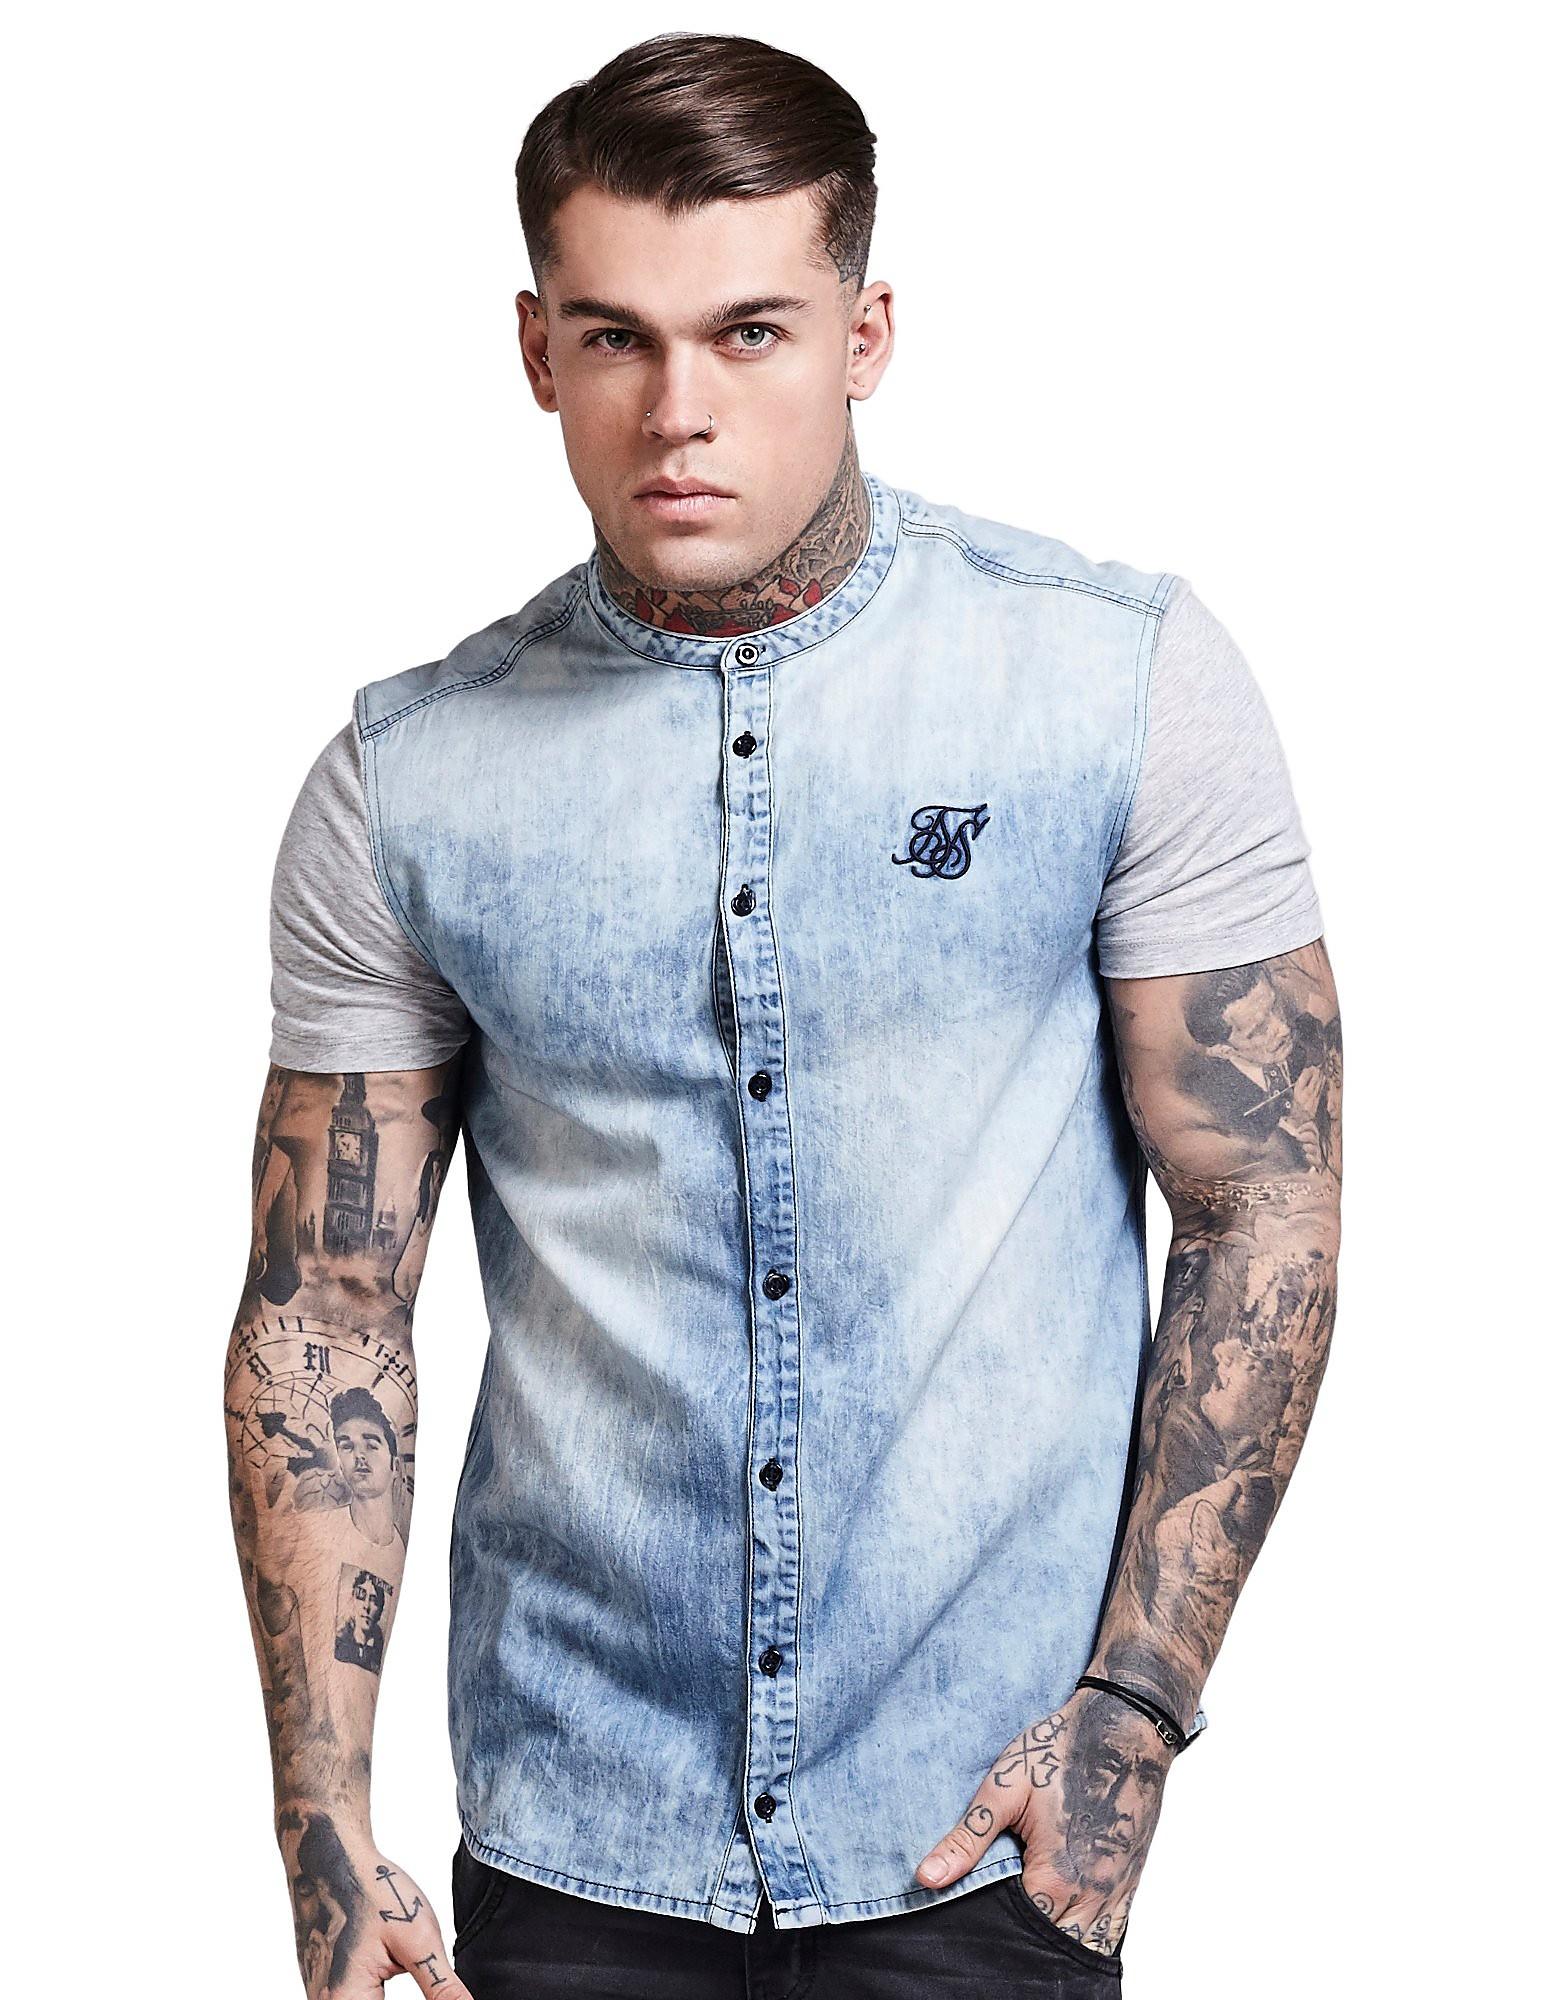 SikSilk Short Sleeve Denim Shirts